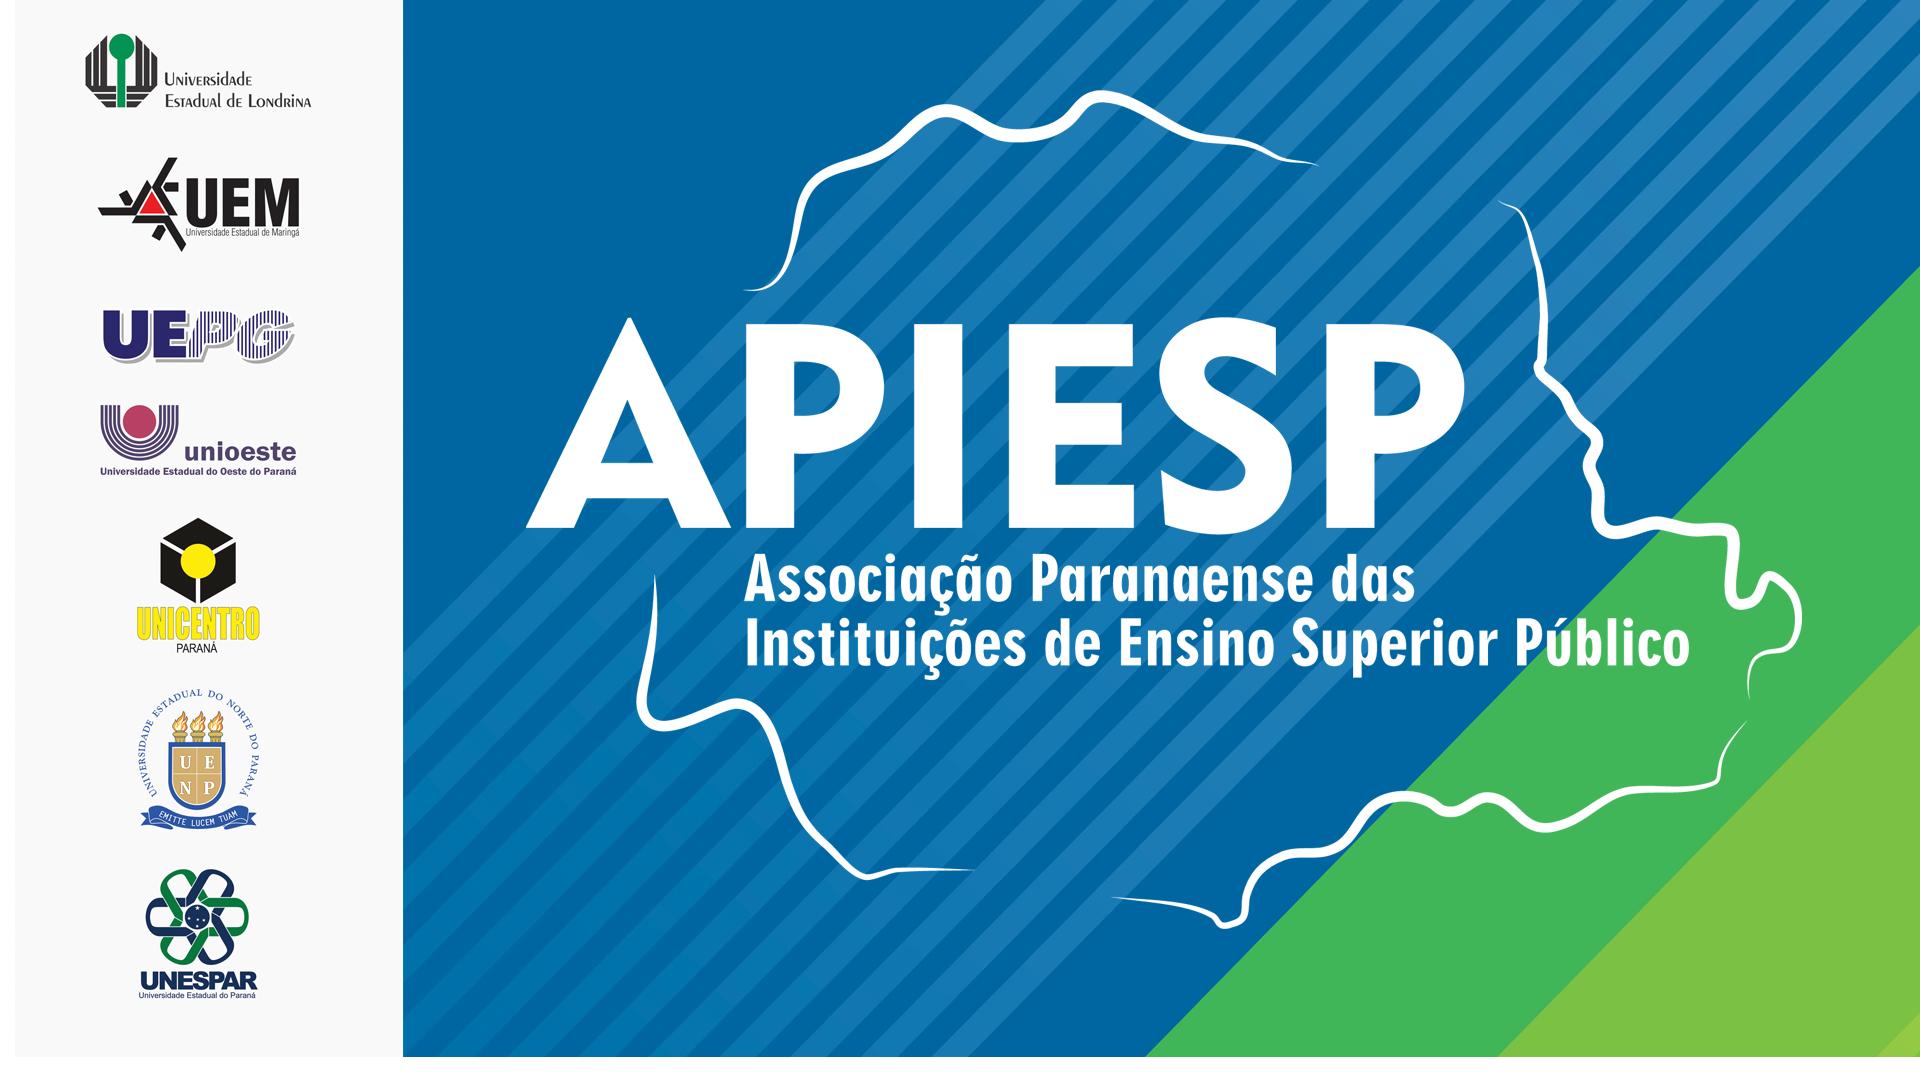 Apiesp reivindica implantação de promoções e progressões para todos os servidores universitários